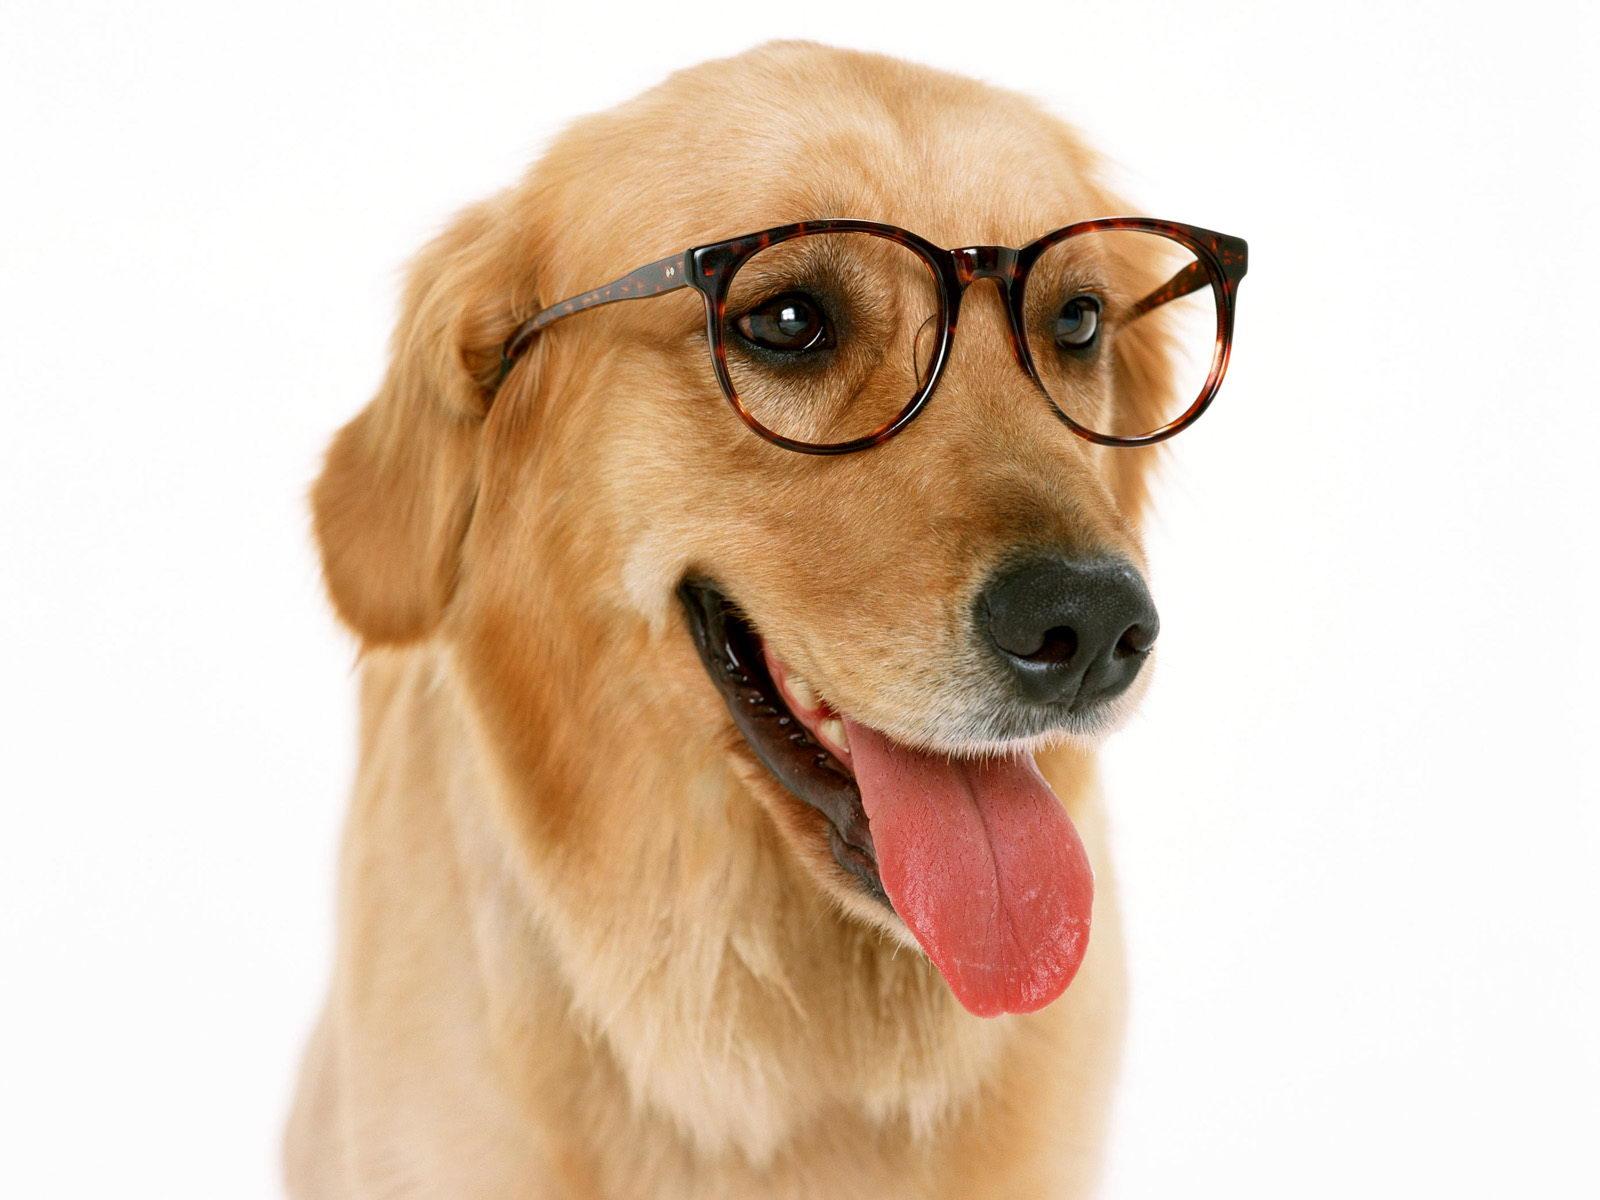 「特注食  1オーダー 4kg」ドライフード 現在の愛犬に最適なレシピを作成し世界にひとつのオリジナルドライフードを製造いたします